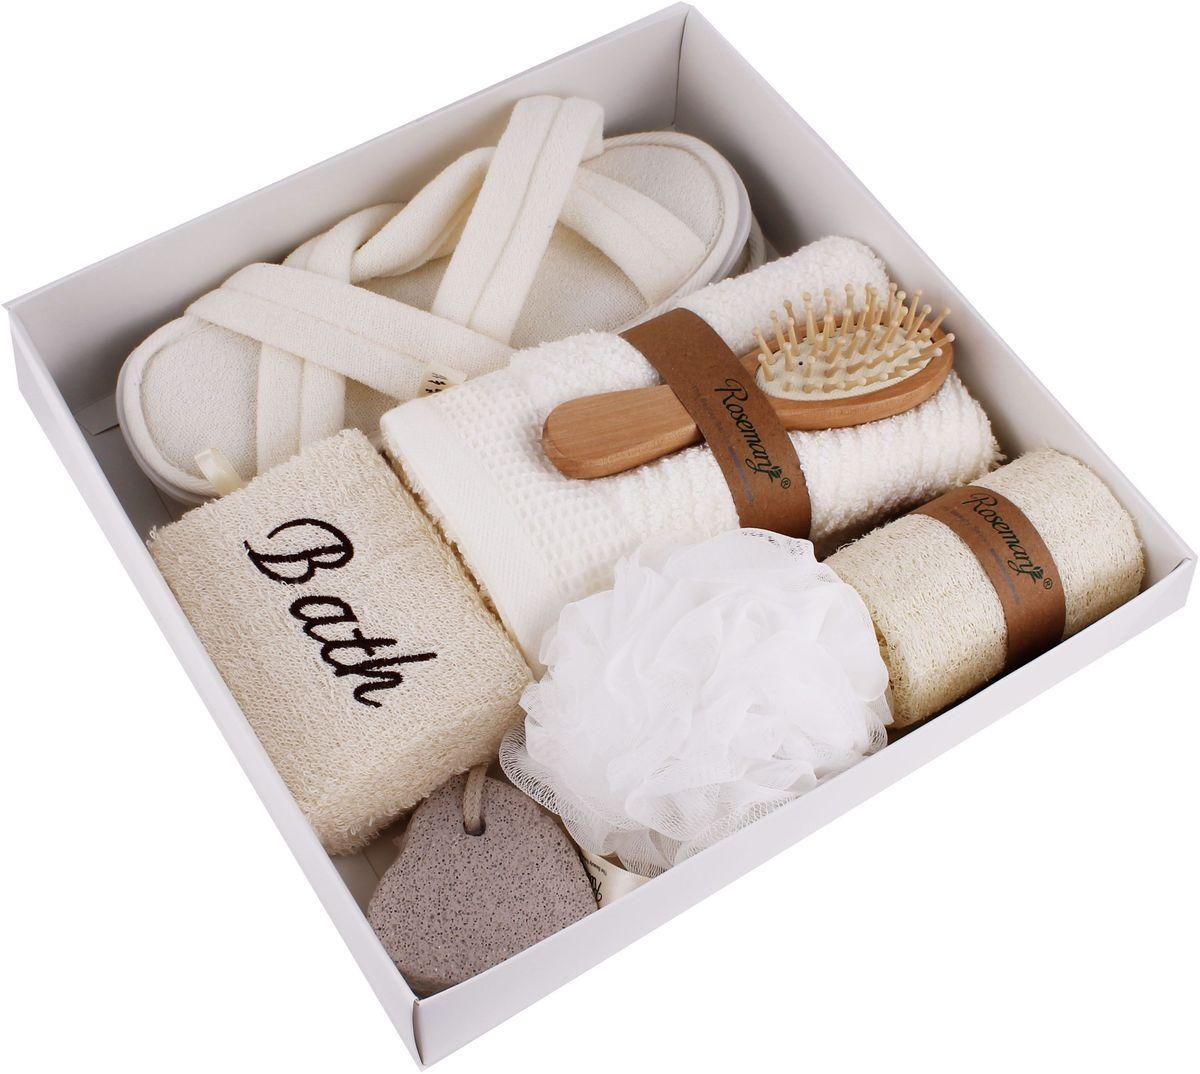 Набор банных аксессуаров Patricia, 7 предметов, цвет: белый. IM99-1338